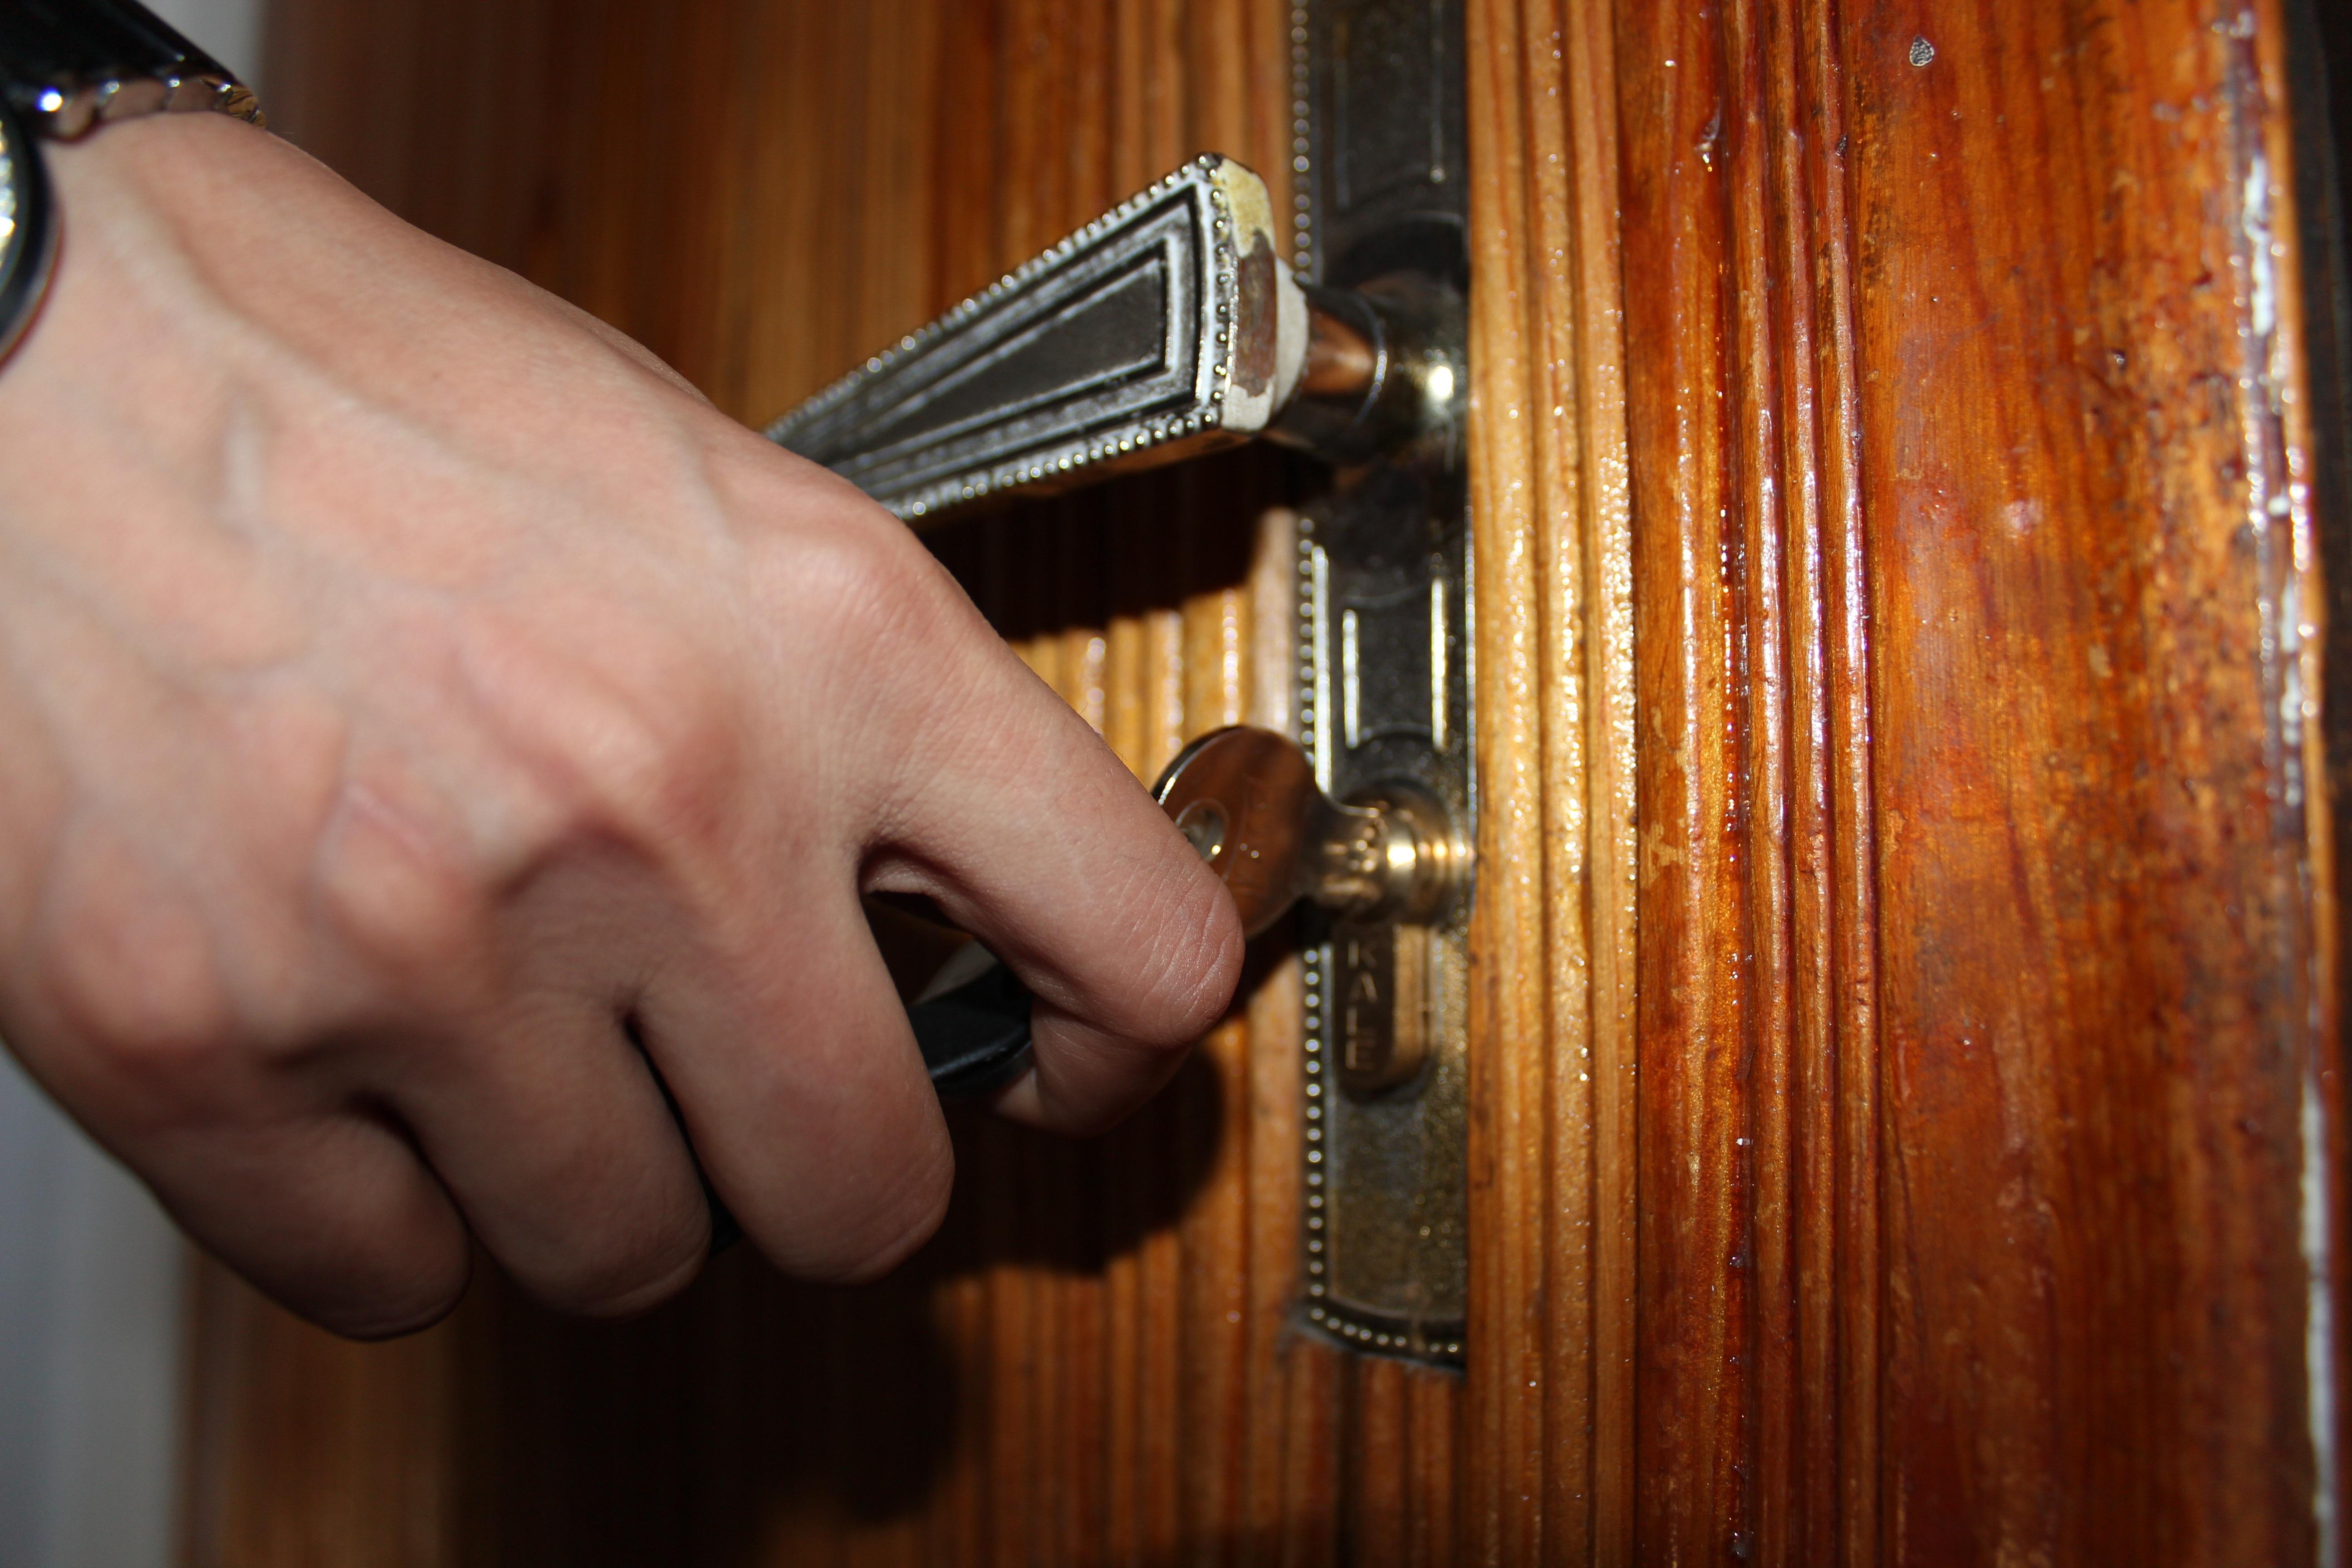 Holz Stehlen kostenlose foto holz gitarre zuhause stehlen schlüssel